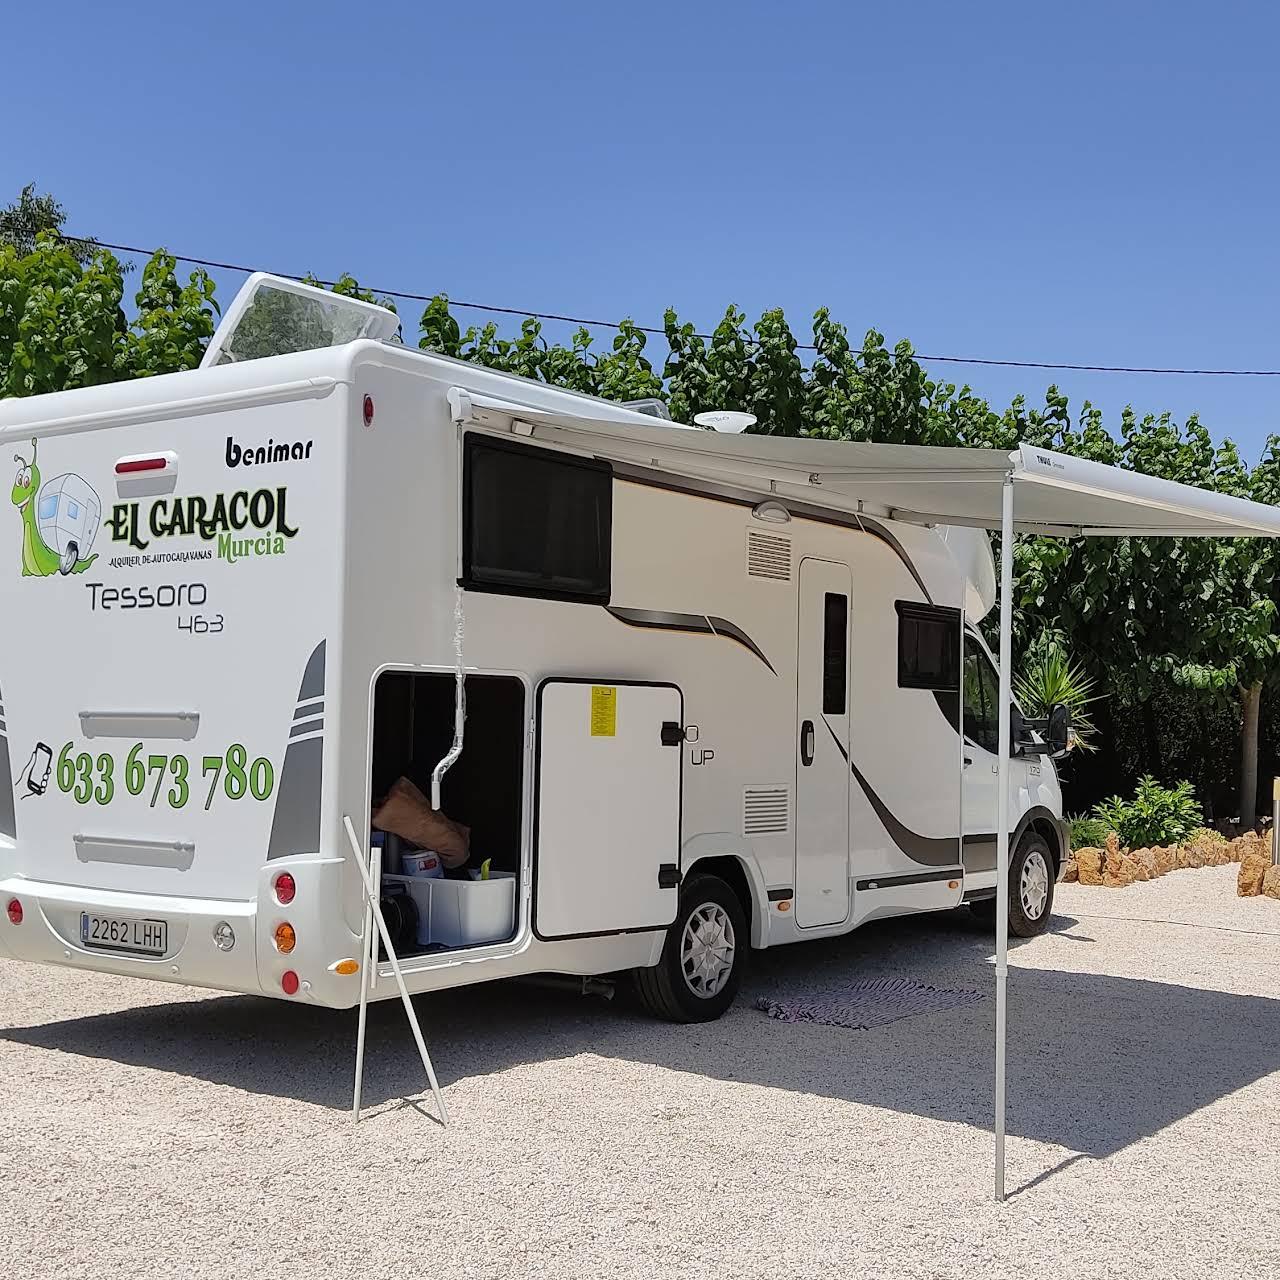 Alquiler Autocaravanas El Caracol Murcia Agencia De Alquiler De Autocaravanas En Cehegín